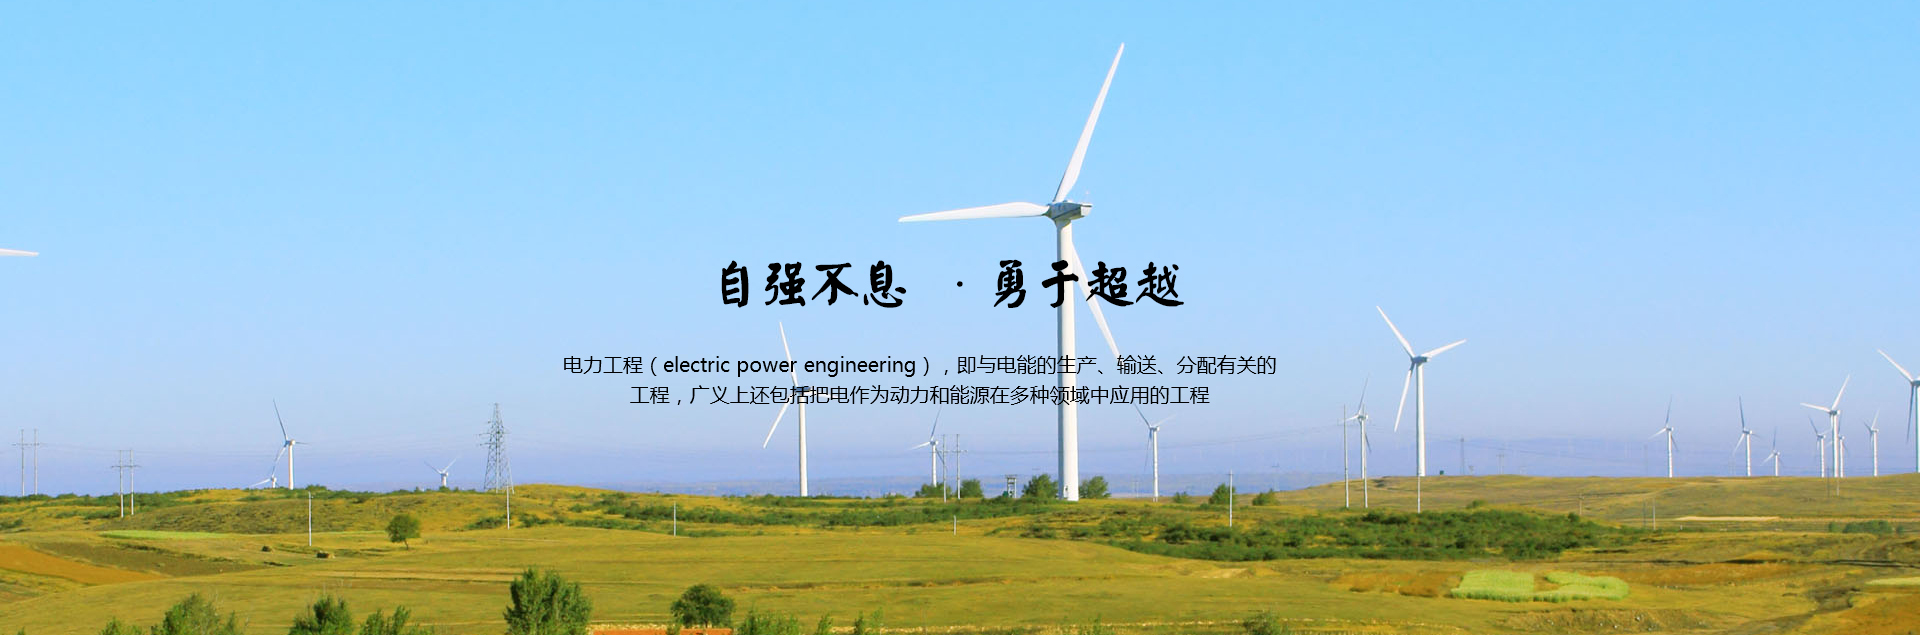 一二博国际注册电力公司